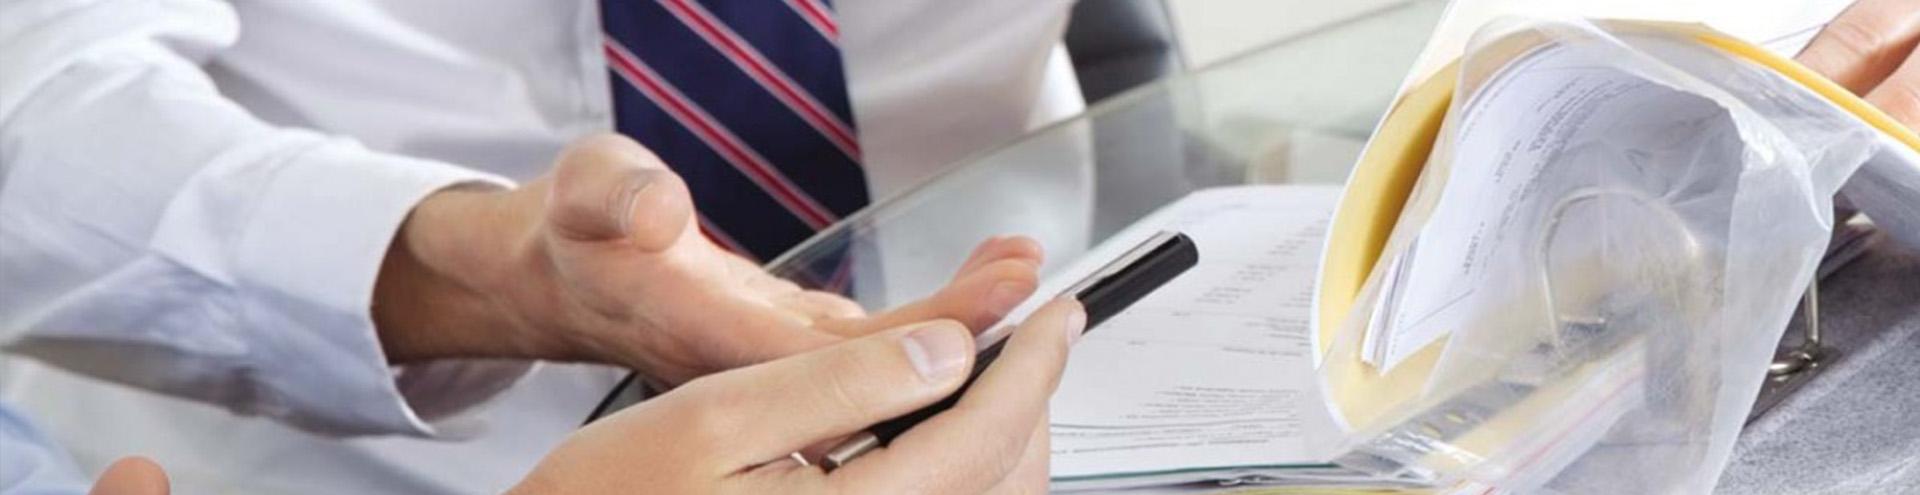 Документы на банкротство юридического лица в Рязани и Рязанской области